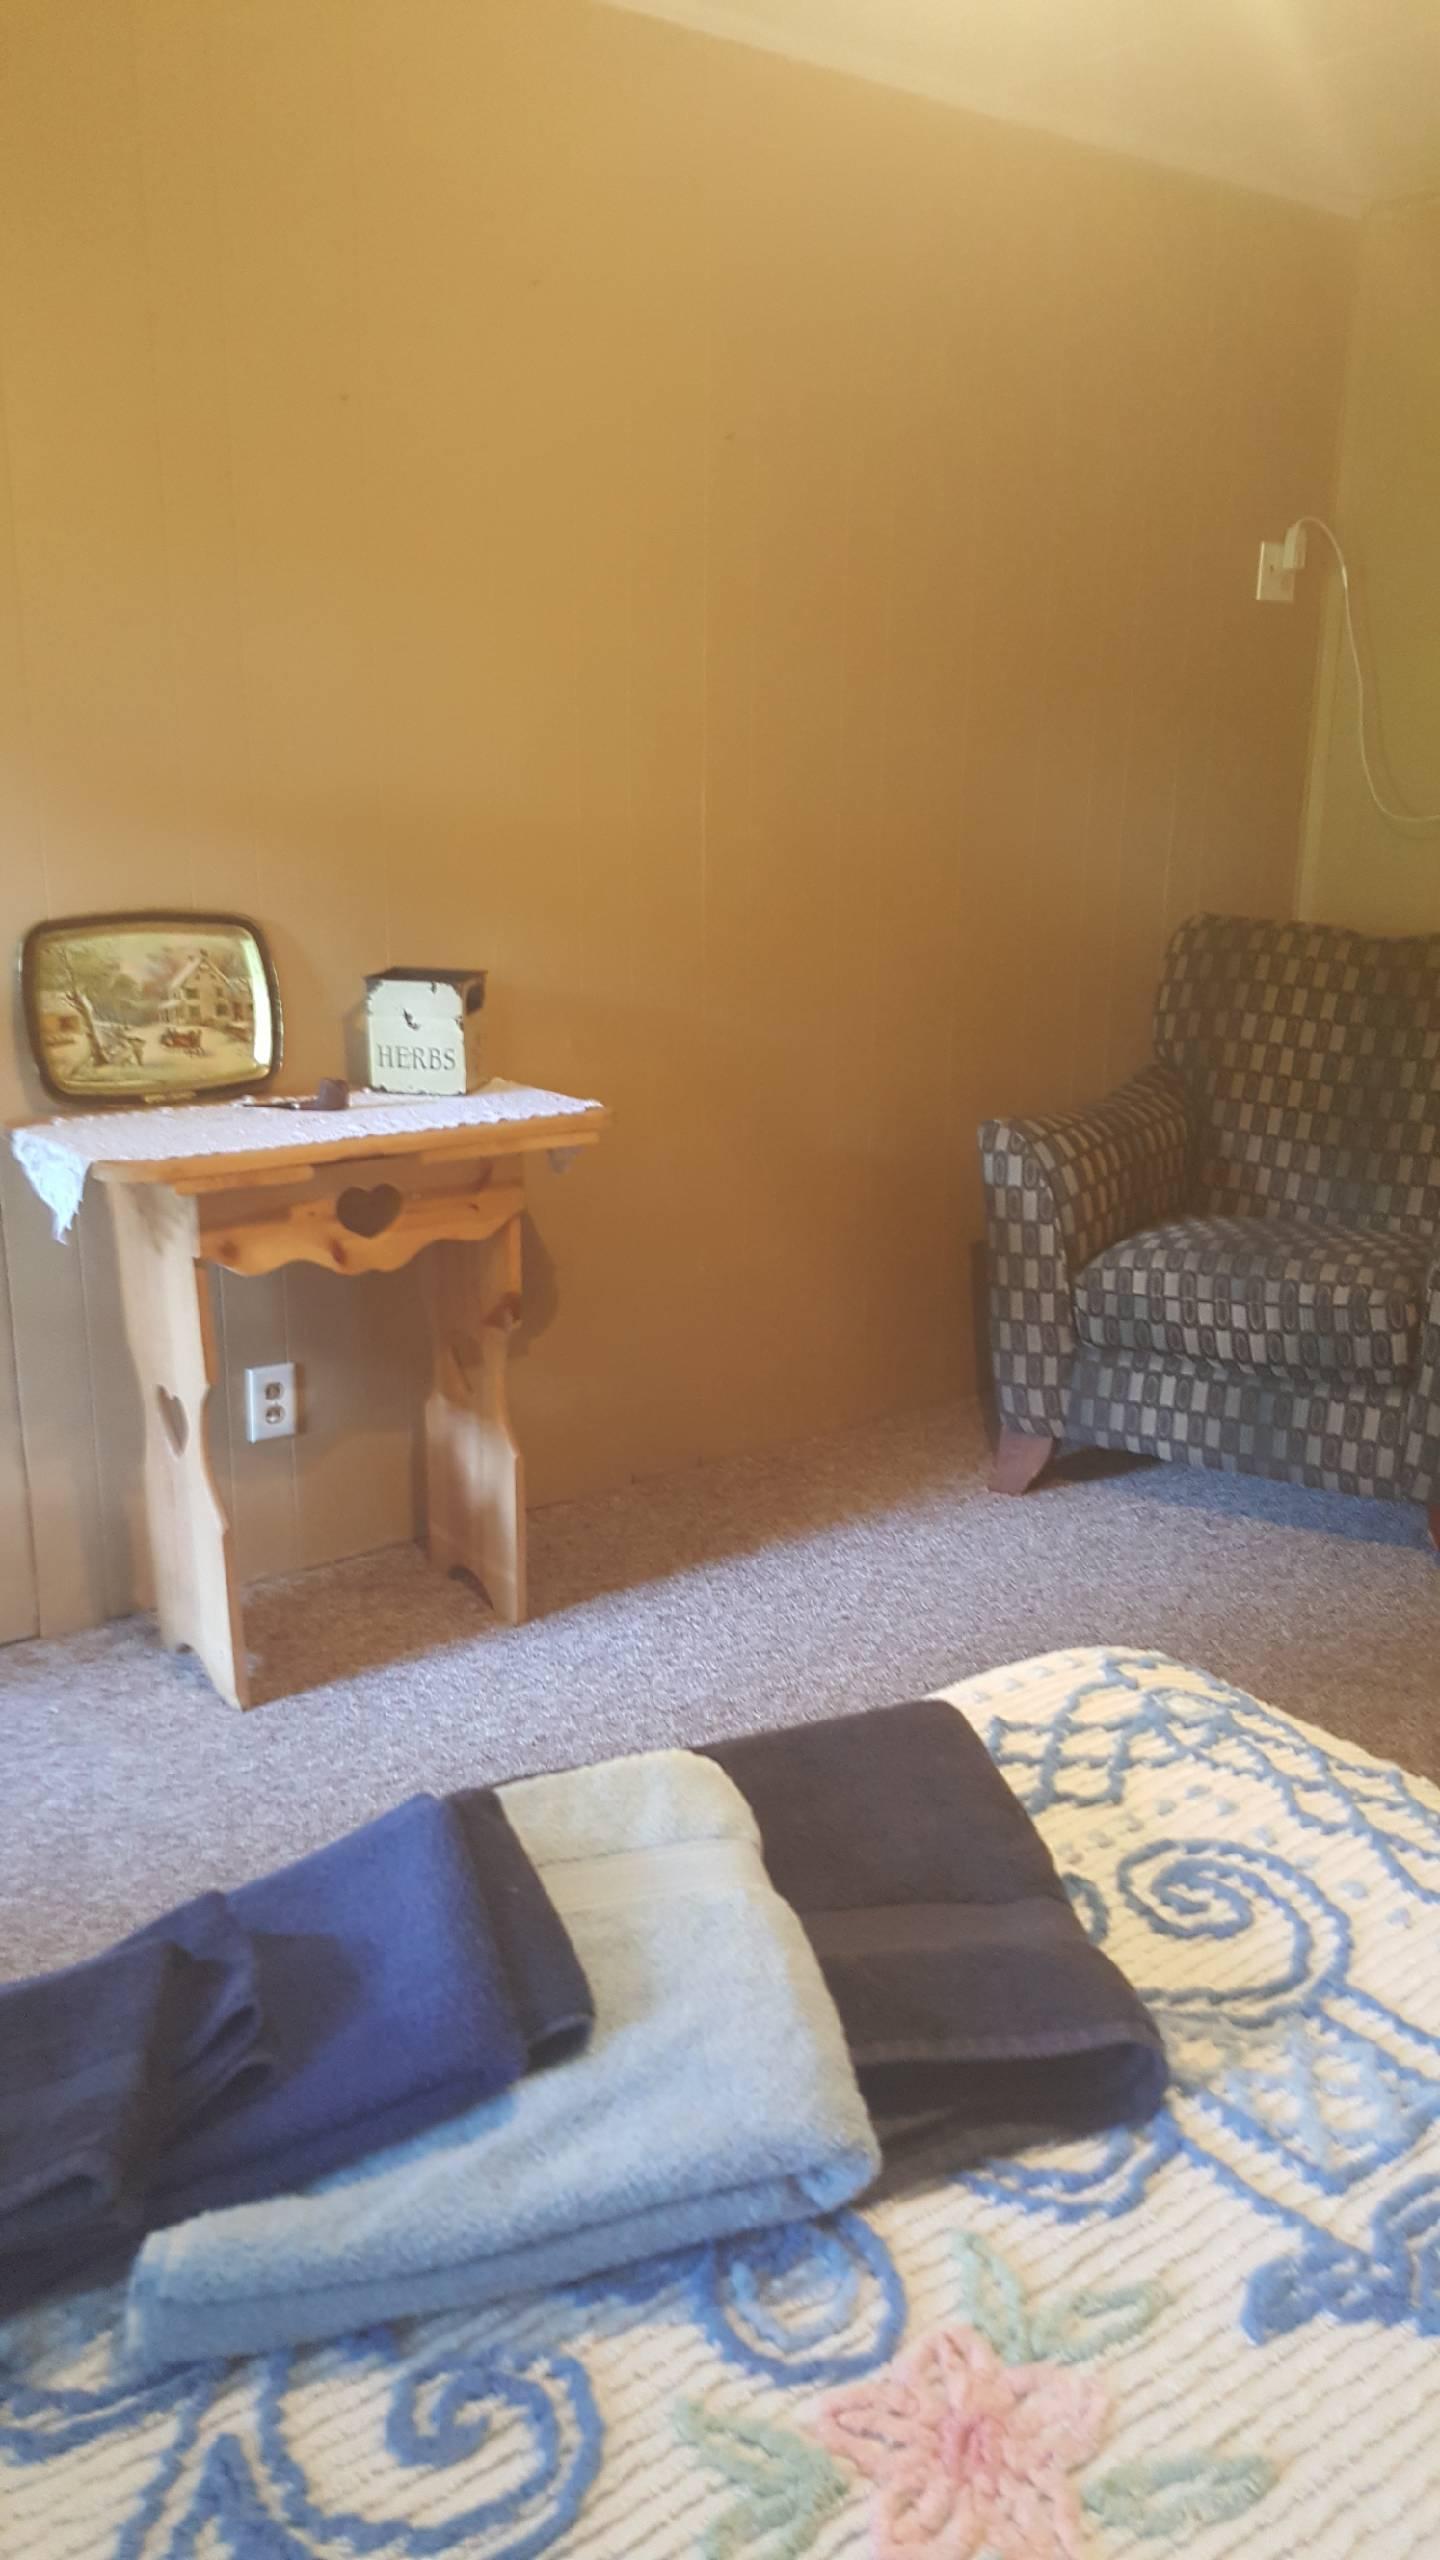 Motel room 3.1